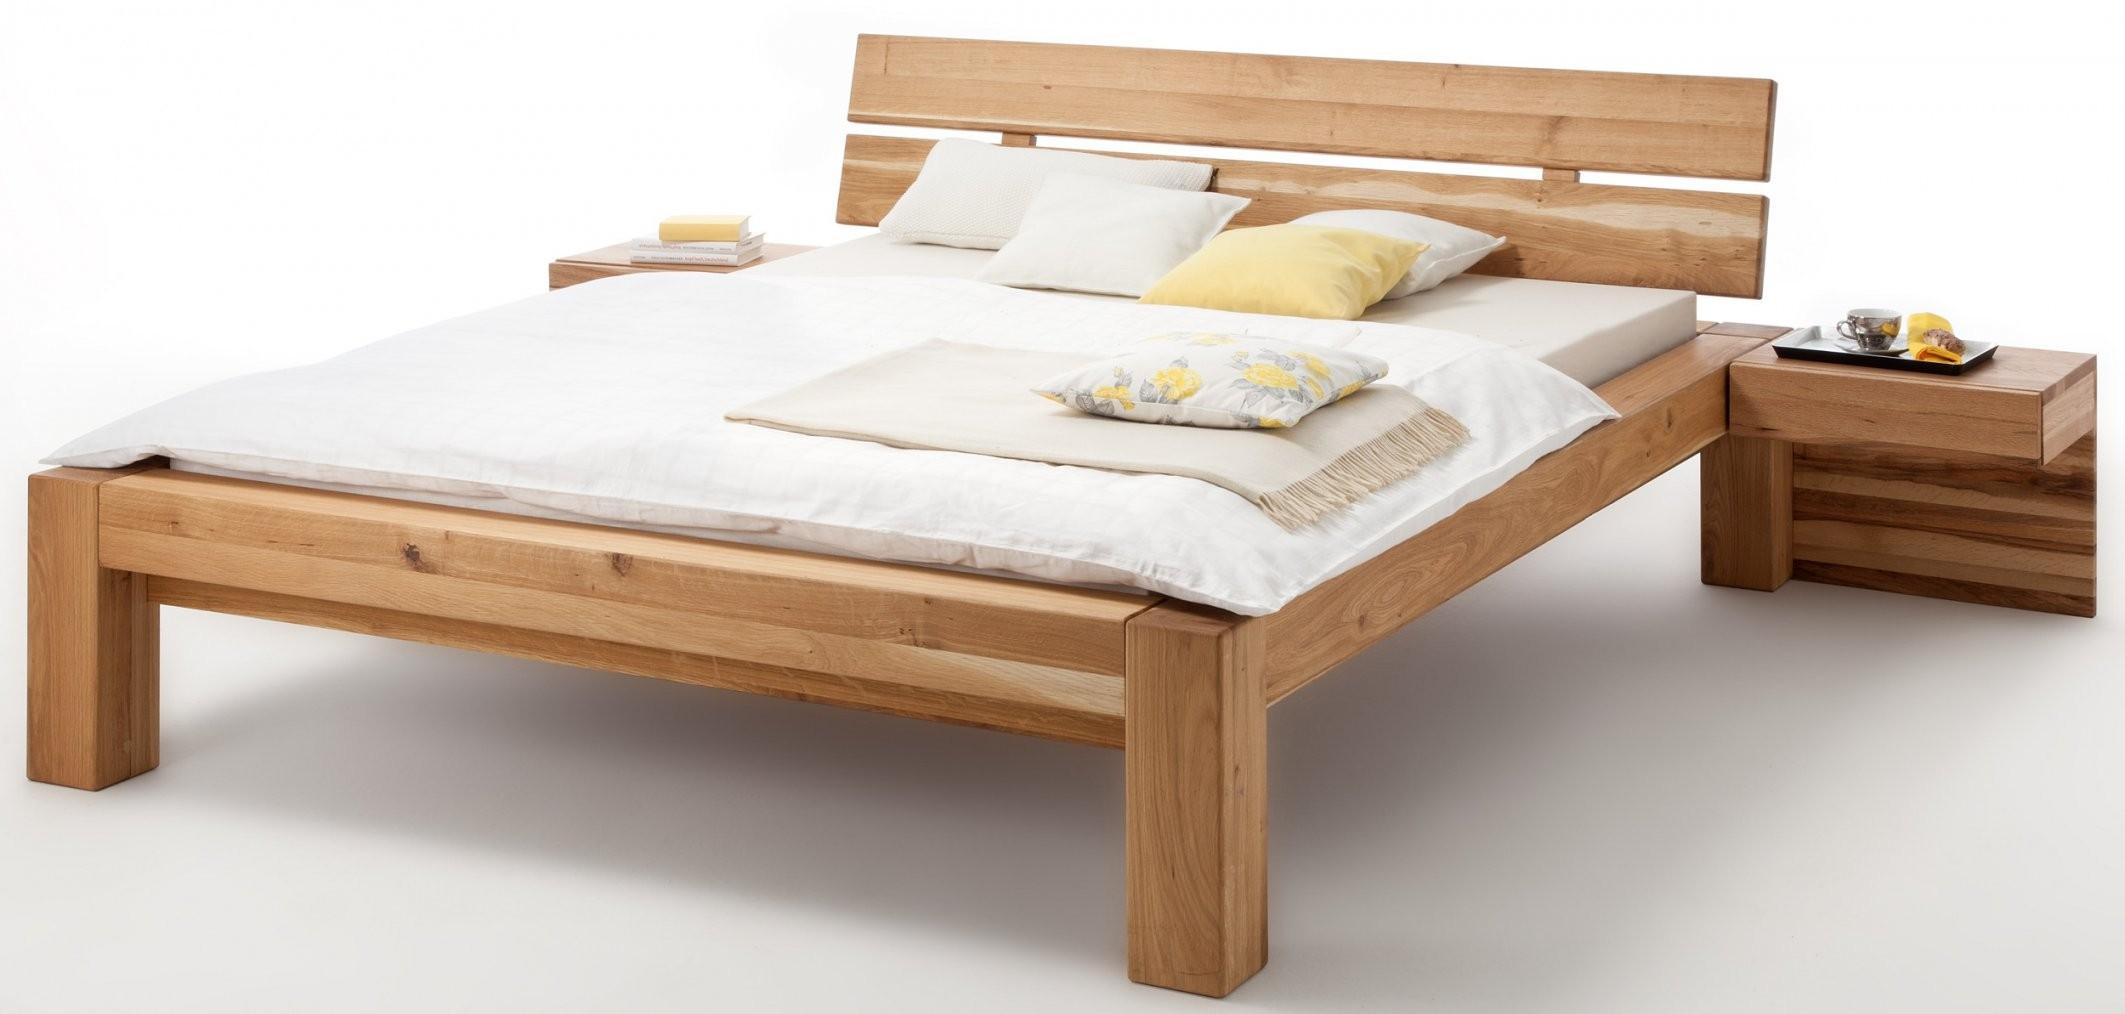 Cool Bett Buche 140X200 100X200 Weis Hochglanz Mit Bettkasten von Bettgestell Buche 140X200 Bild